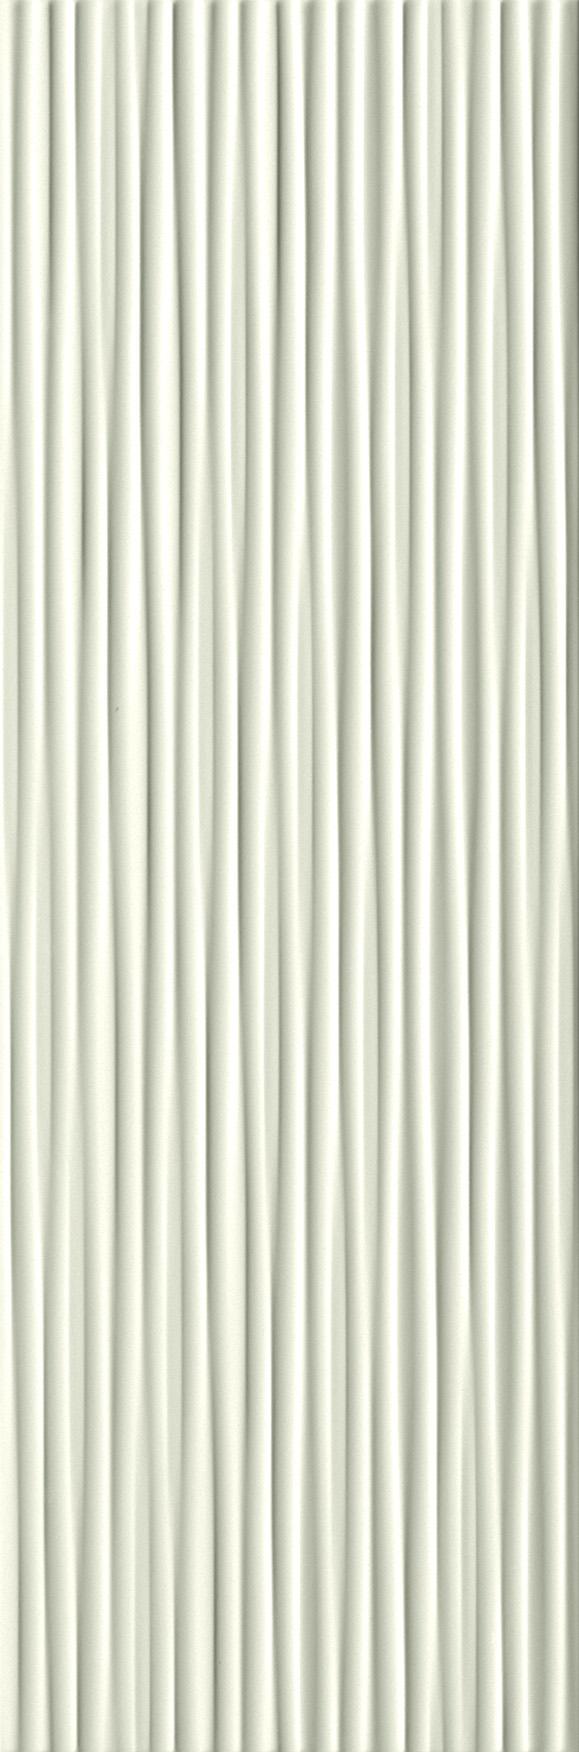 Настенная плитка FAP Ceramiche Lumina +23866 Line Beige Matt цена